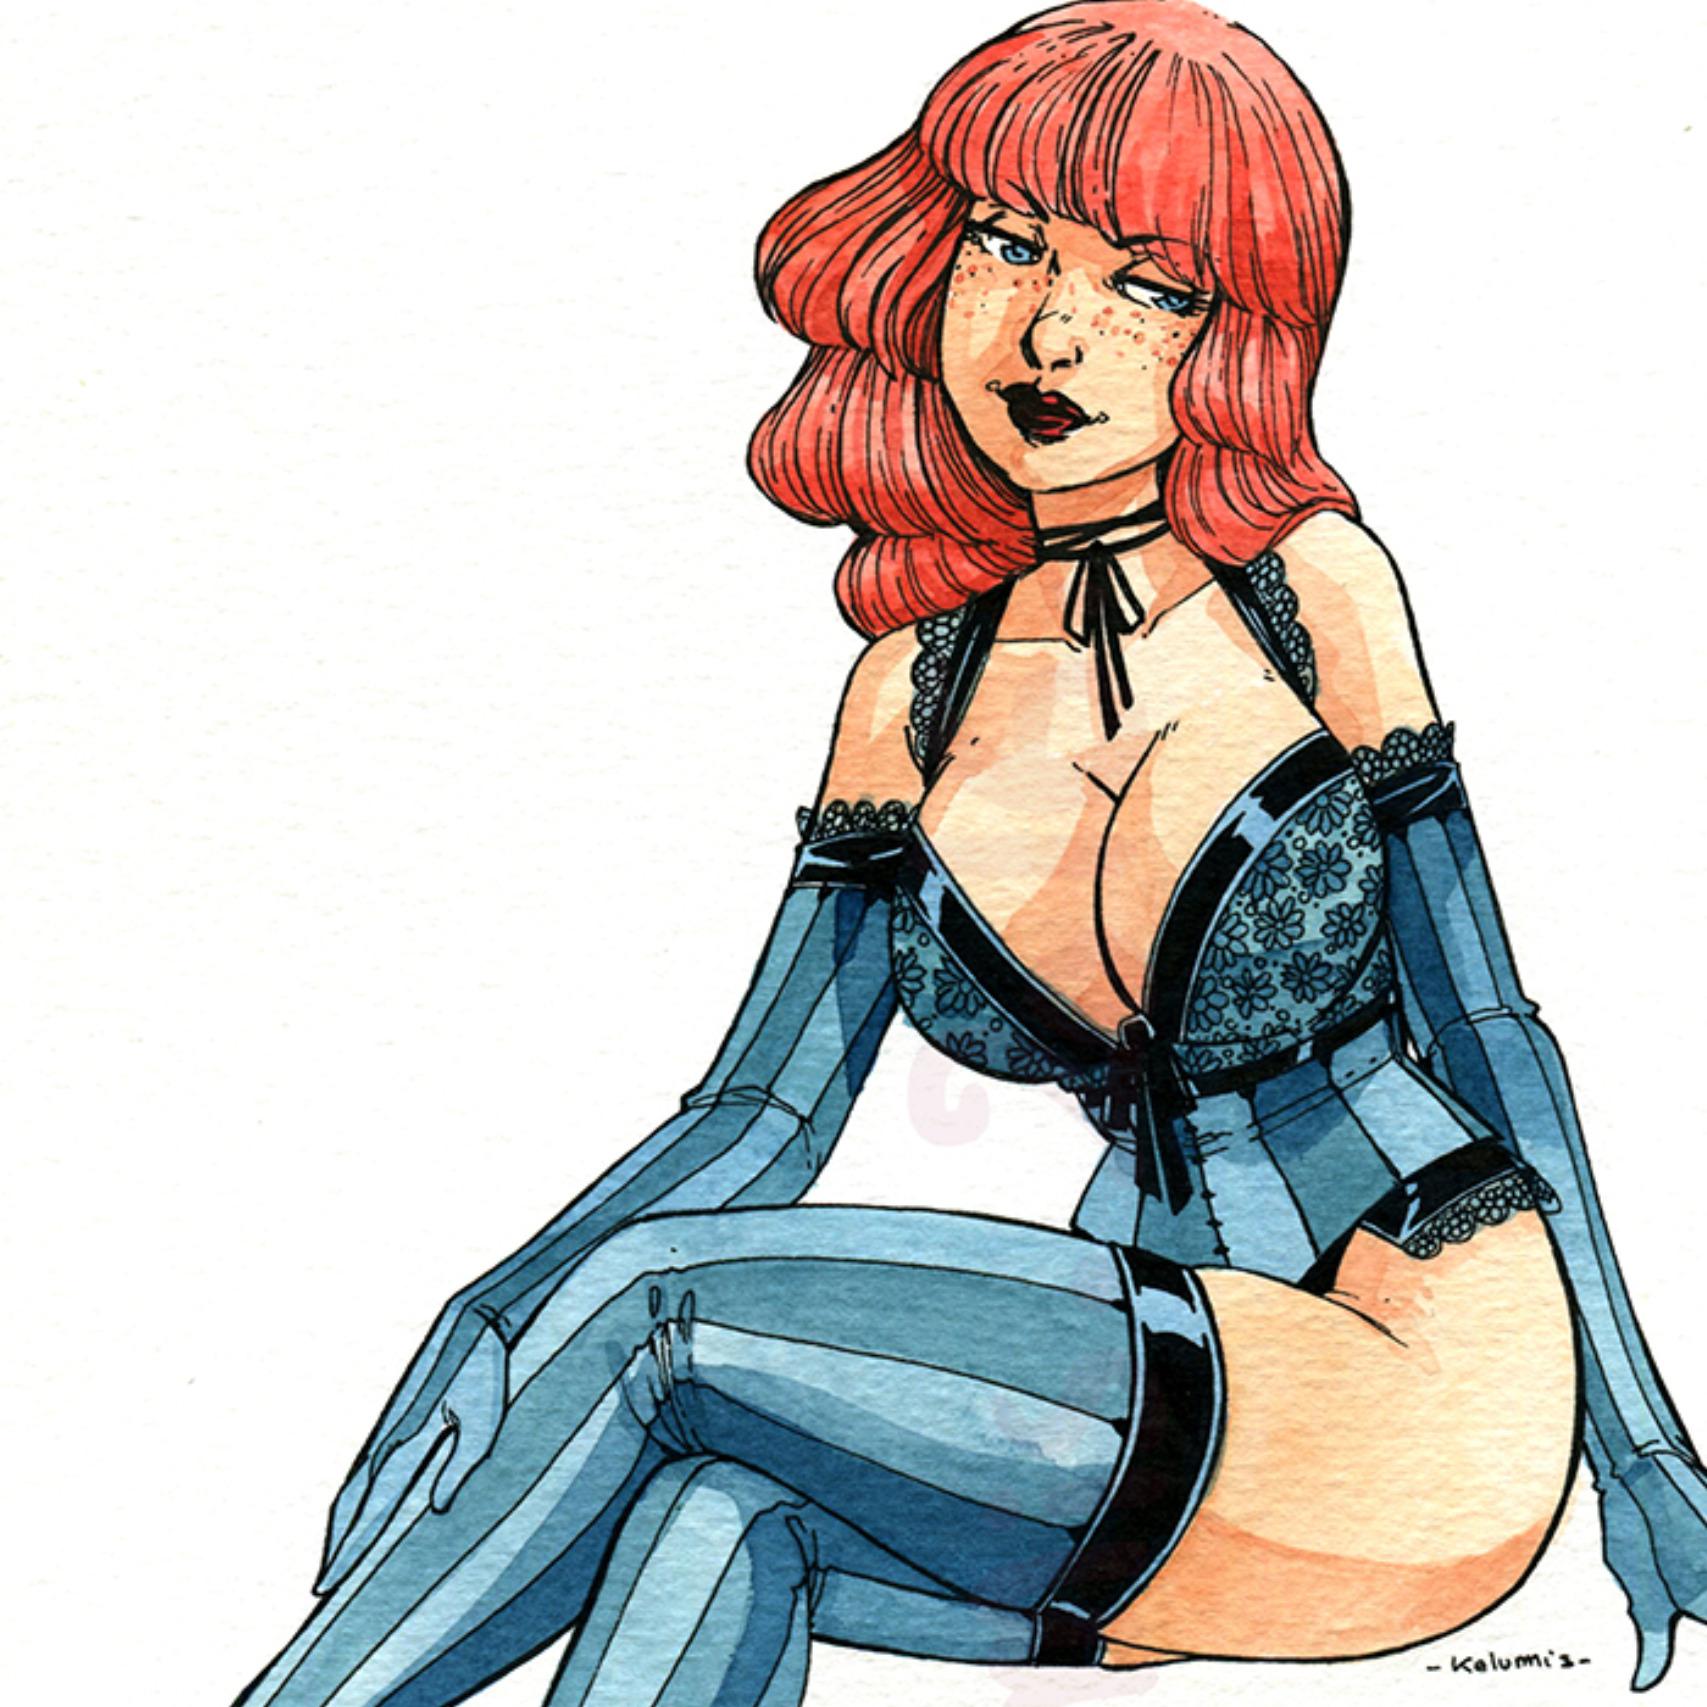 Mademoiselle Kalumis